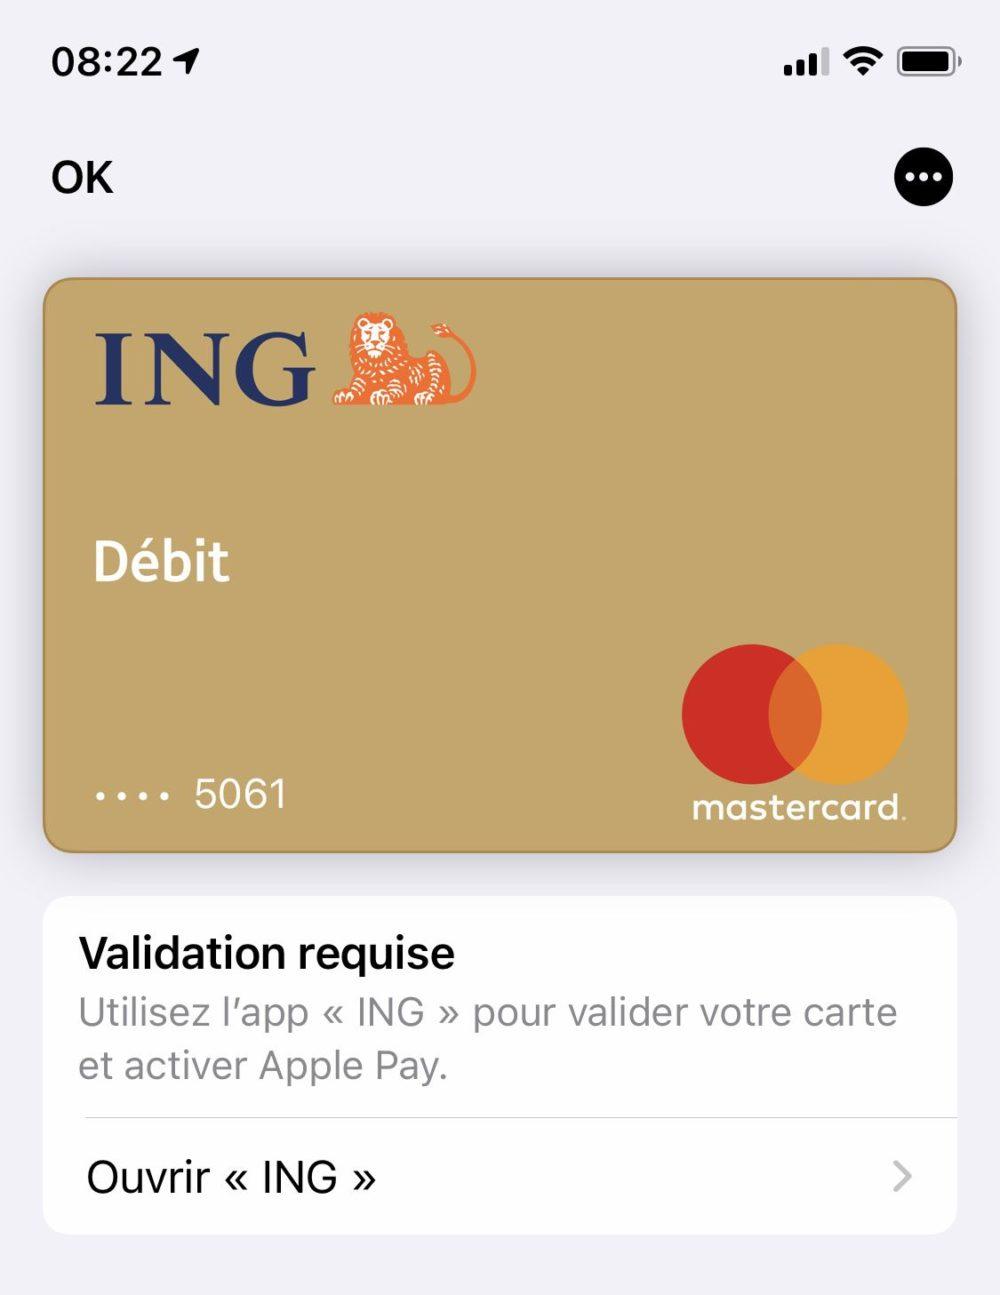 Apple Pay ING Apple Pay est enfin disponible pour les clients de la banque ING